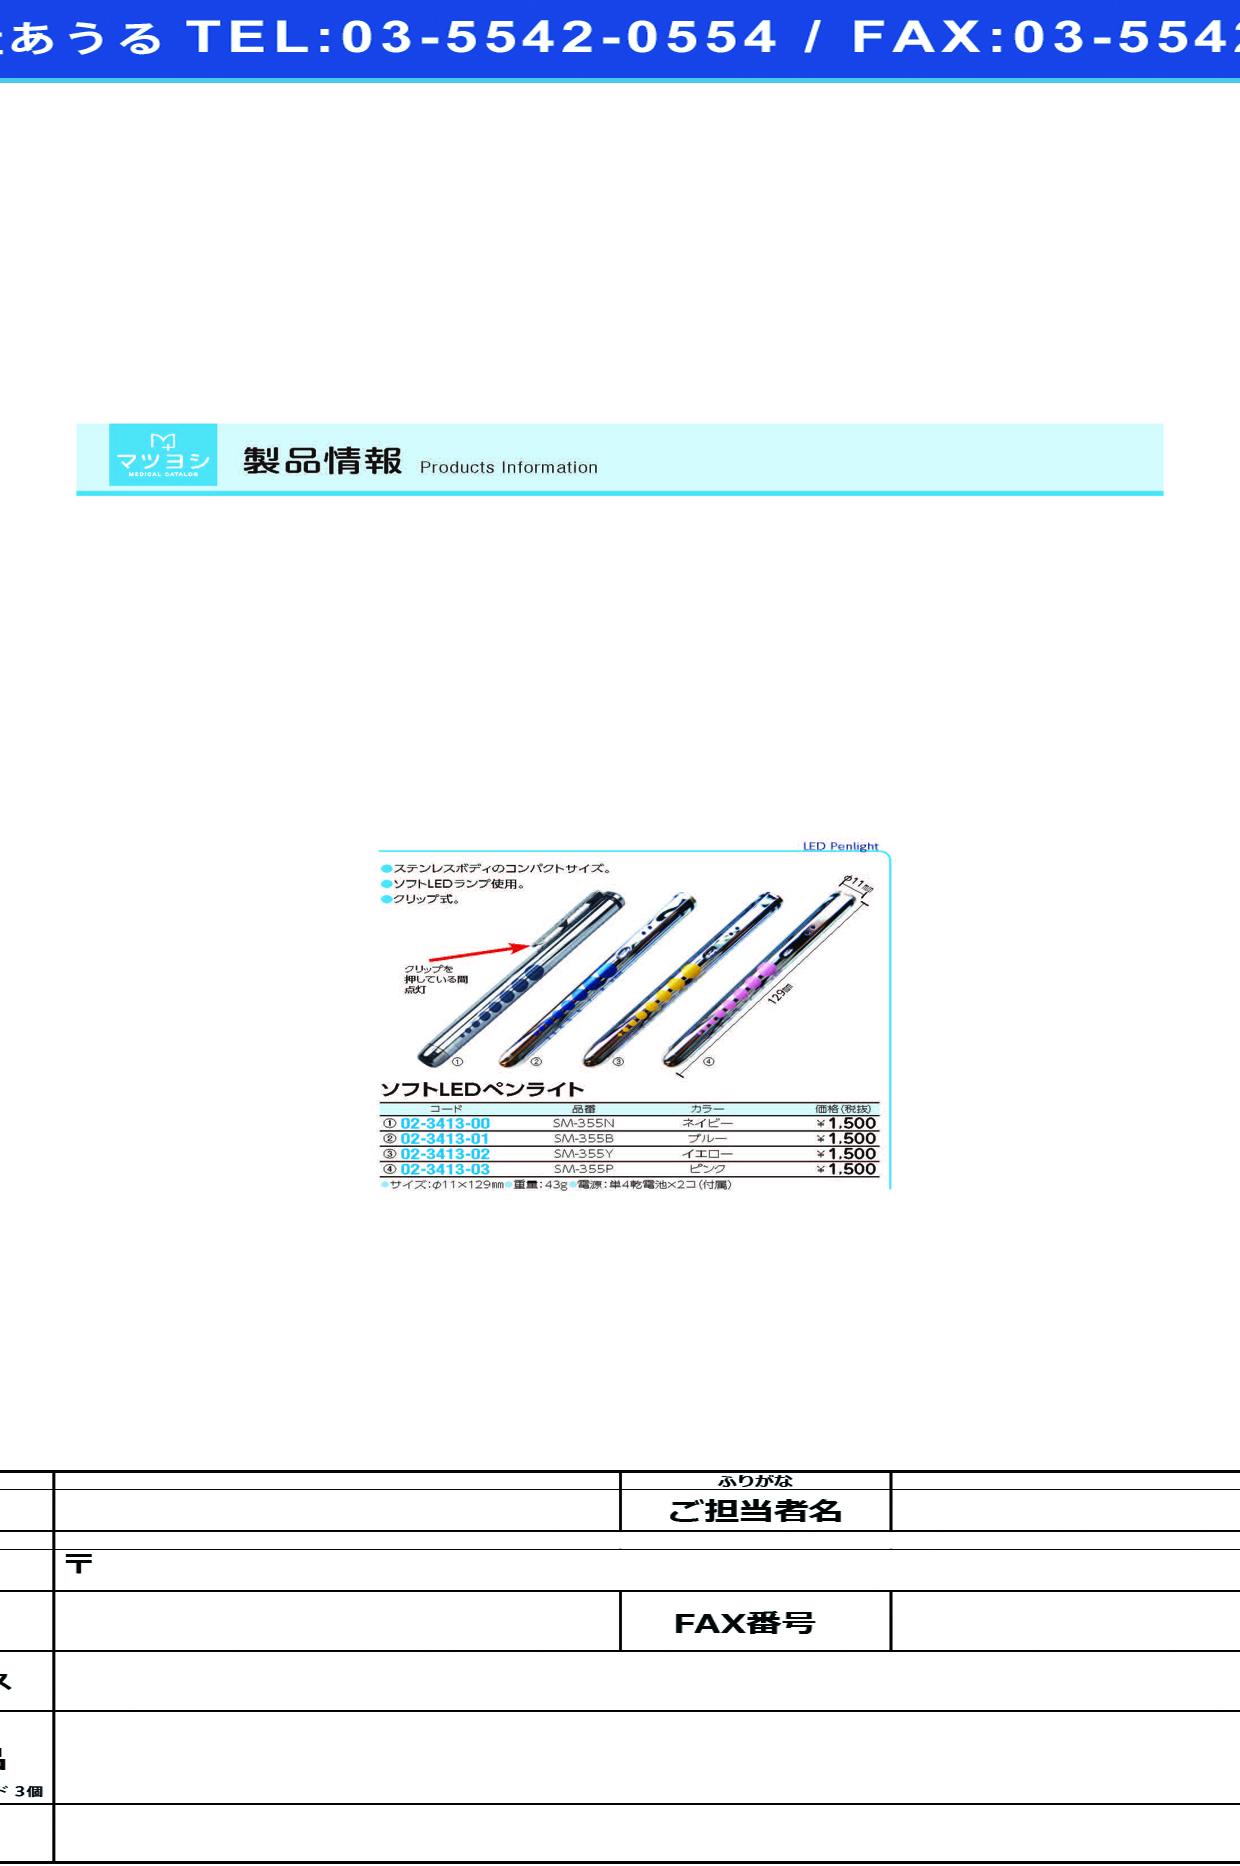 (02-3413-03)ソフトLEDペンライト(瞳孔ゲージ付 SM-355P(ピンク) ソフトLEDペンライト【1本単位】【2019年カタログ商品】